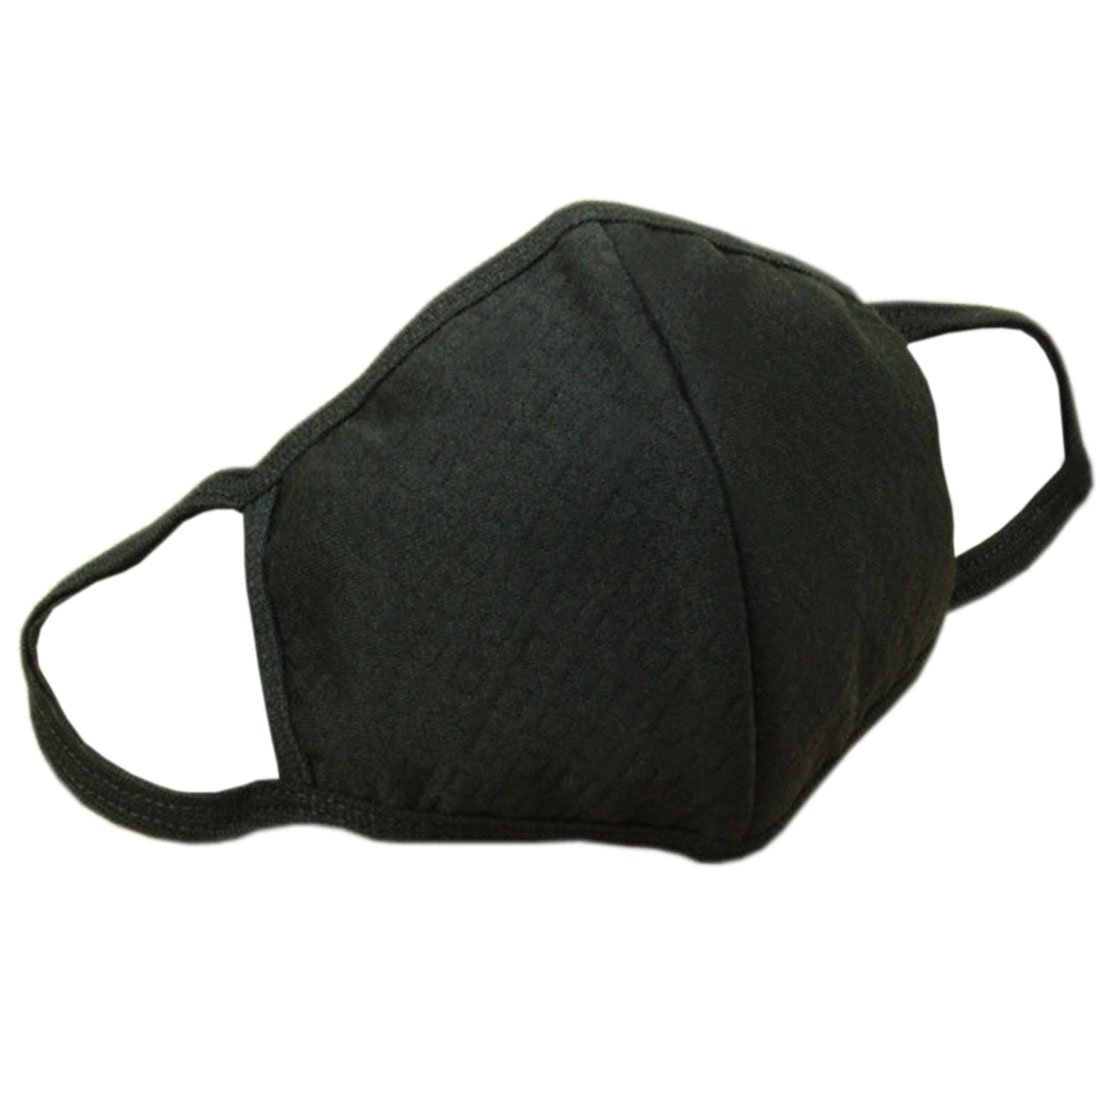 Marygel 5 Pcs Reusable Washable Activated Carbon Cotton Warm PM 2.5 Dust Masks Flu Masks(Black 5 Pcs)